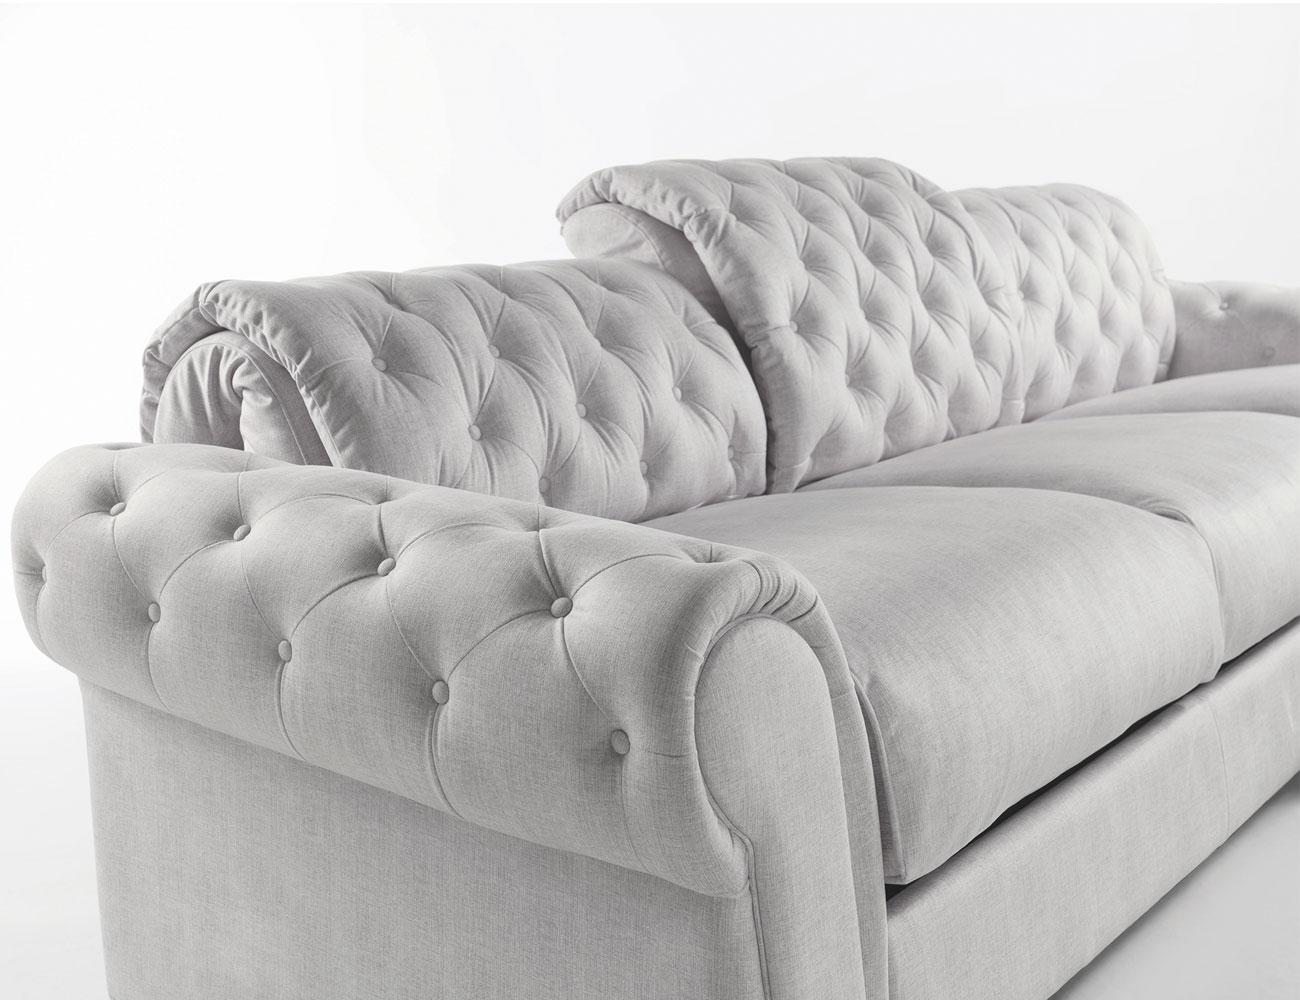 Sofa chaiselongue gran lujo decorativo capitone blanco tela 12